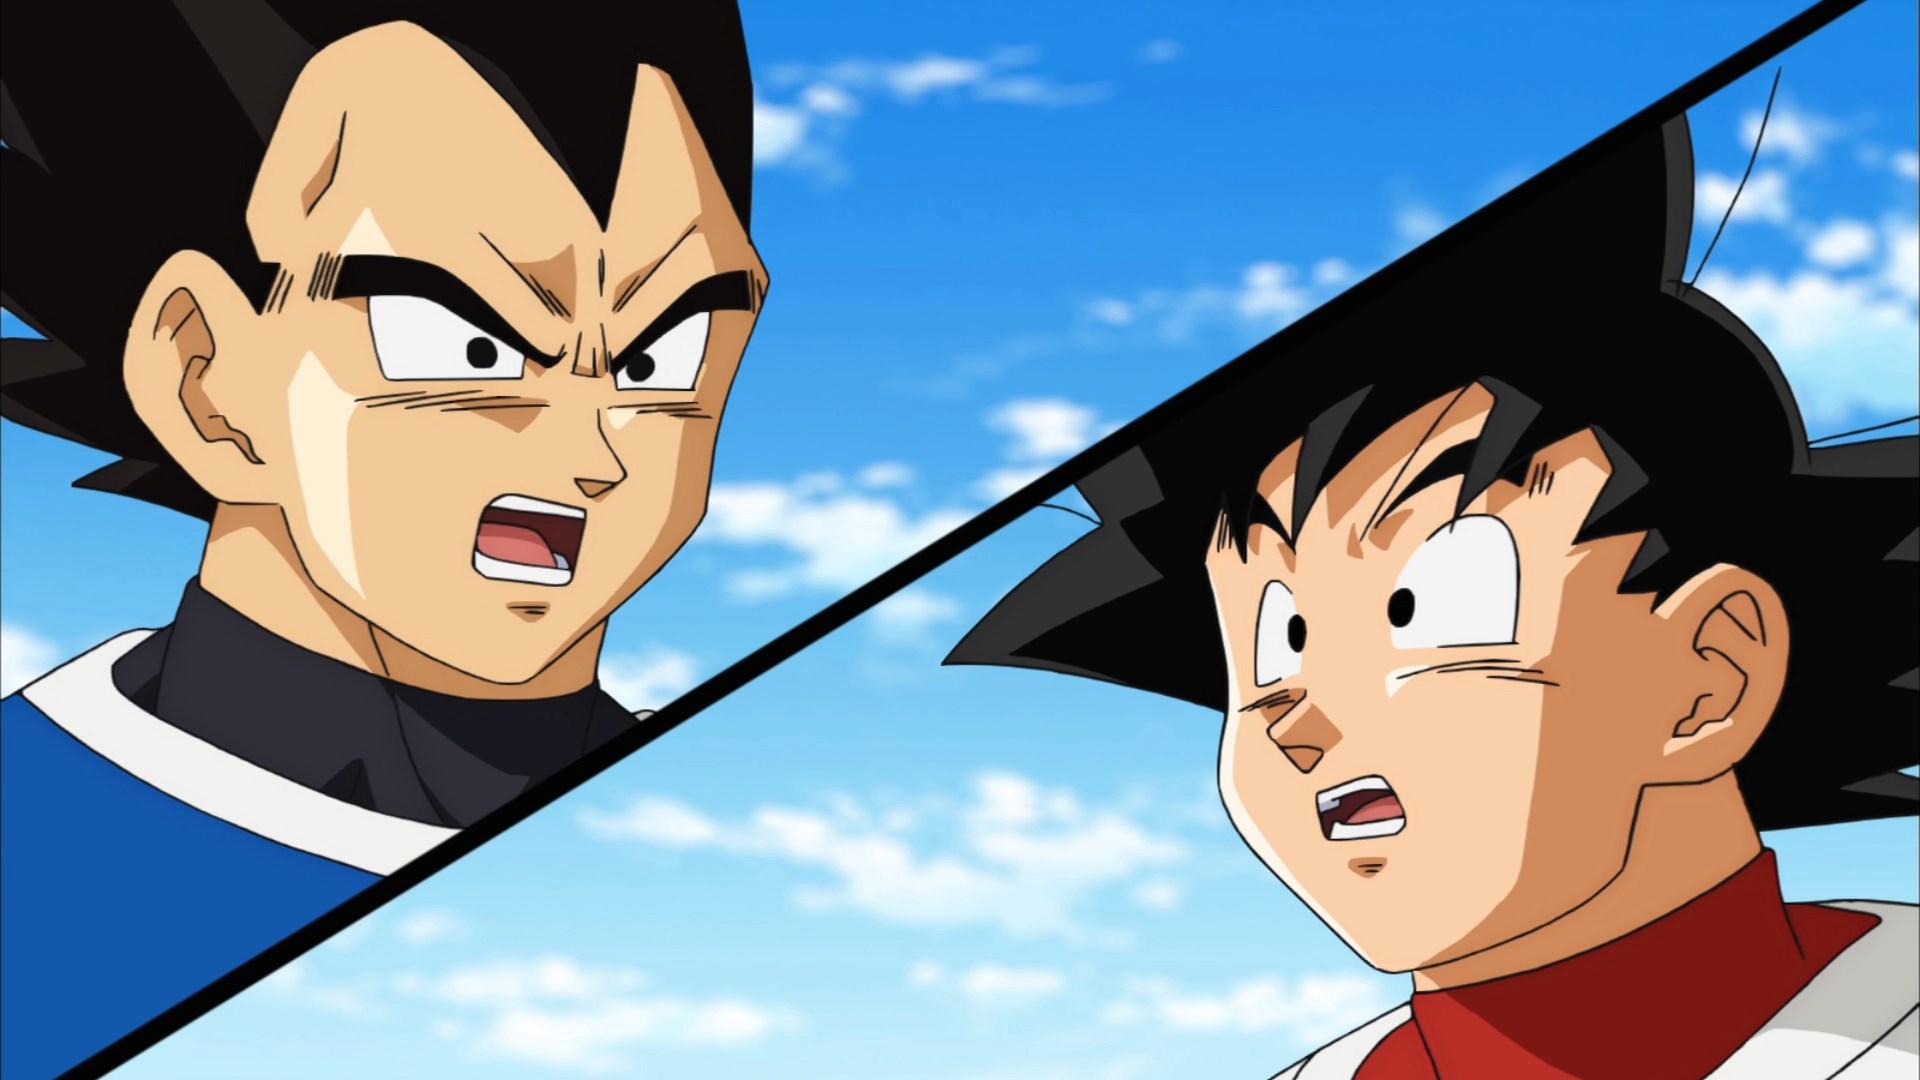 [DS] Dragon Ball Super 070 [1080p].mkv_snapshot_14.49_[2016.12.11_03.50.28]